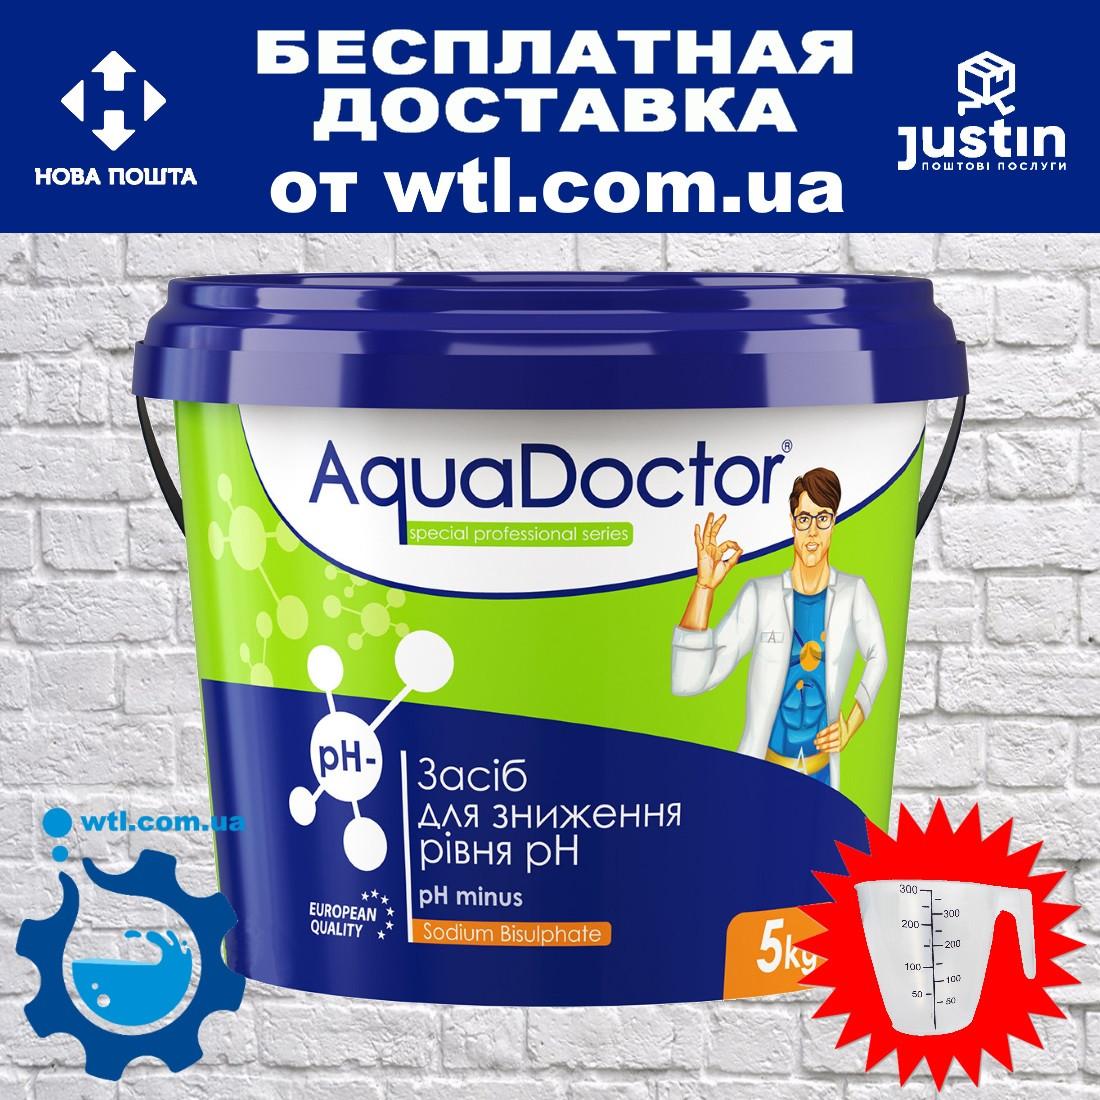 Aquadoctor pH Minus 5 кг (гранулы). Средство для понижения уровня pH. Химия для бассейнов Аквадоктор